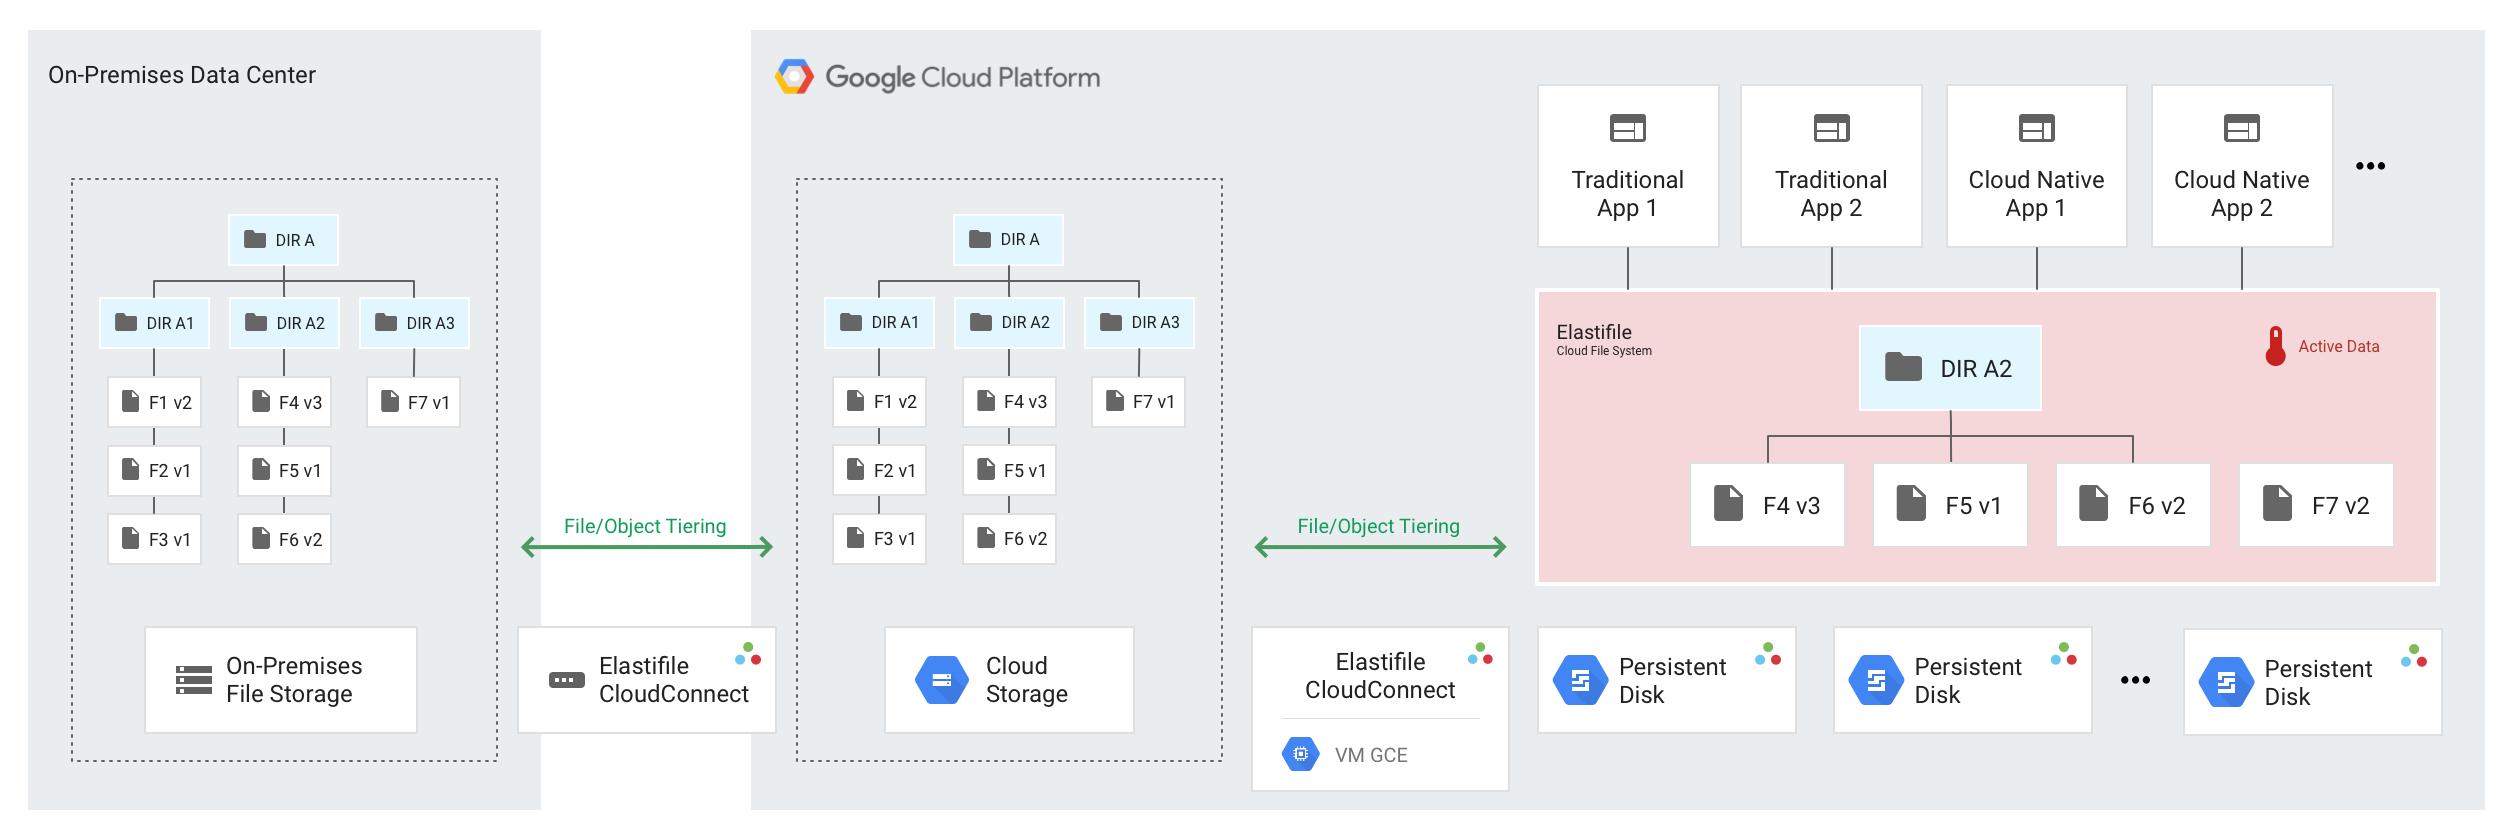 Diagrama de almacenamiento y administración de datos de Elastifile